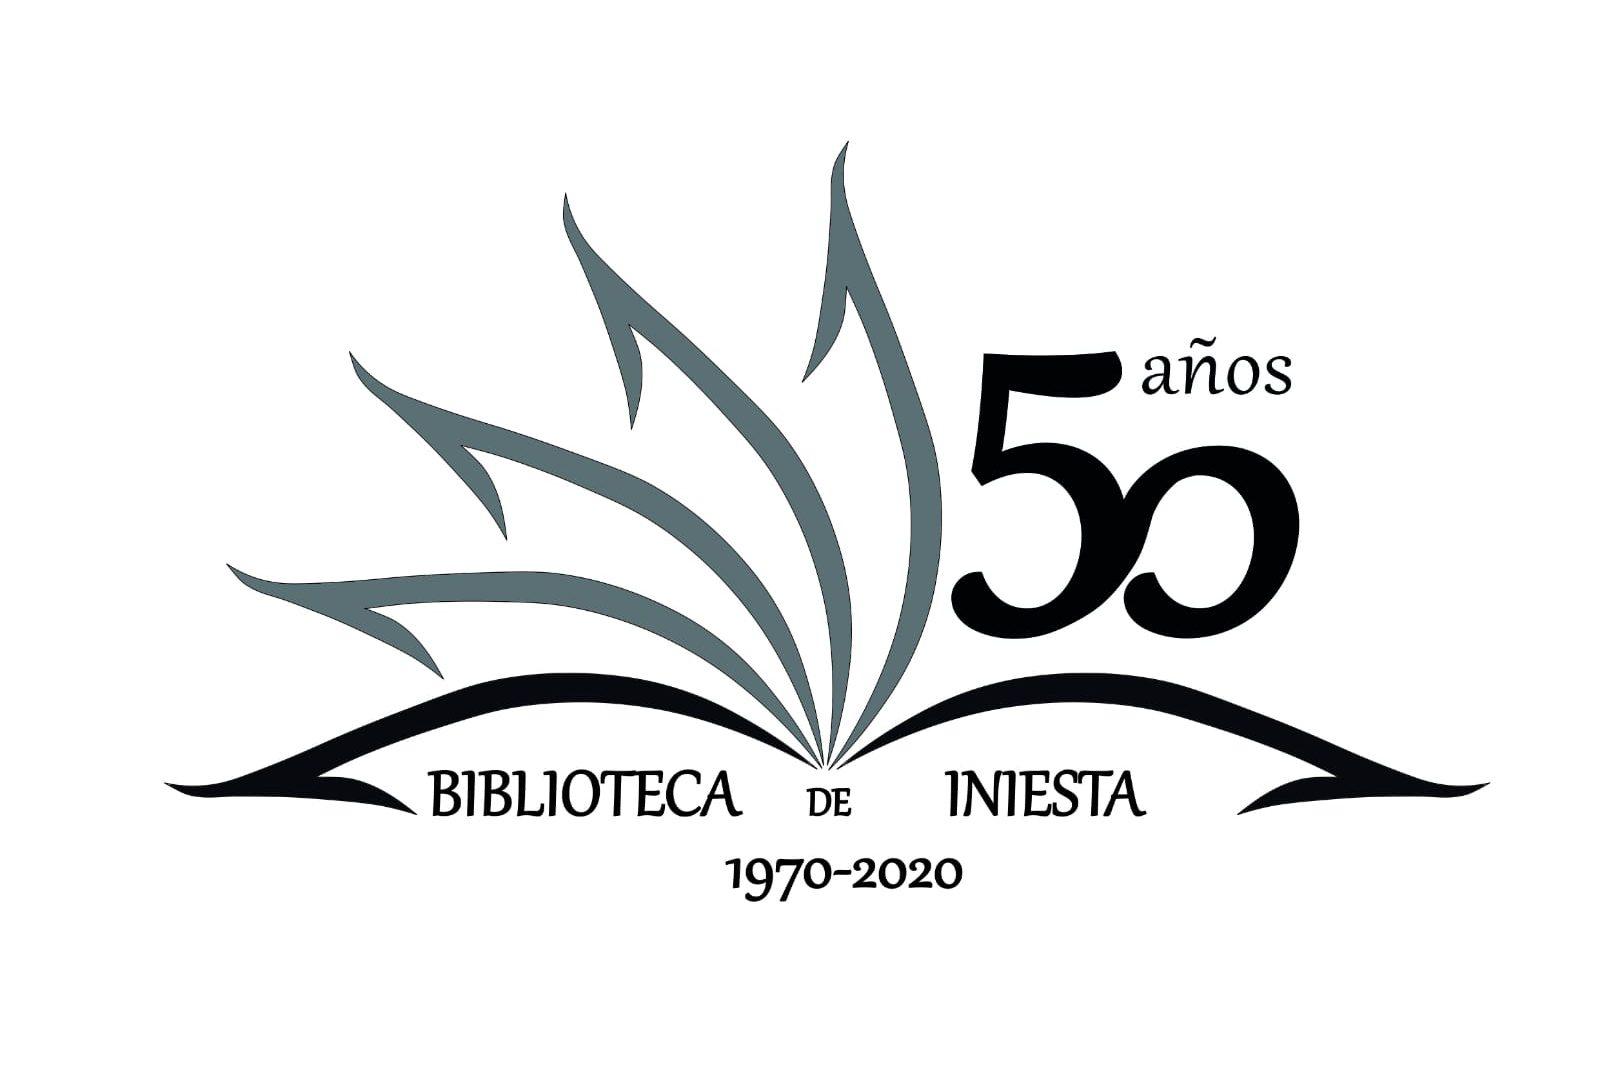 LA BIBLIOTECA DE INIESTA HA CUMPLIDO 50 AÑ0S EN ESTE 2020